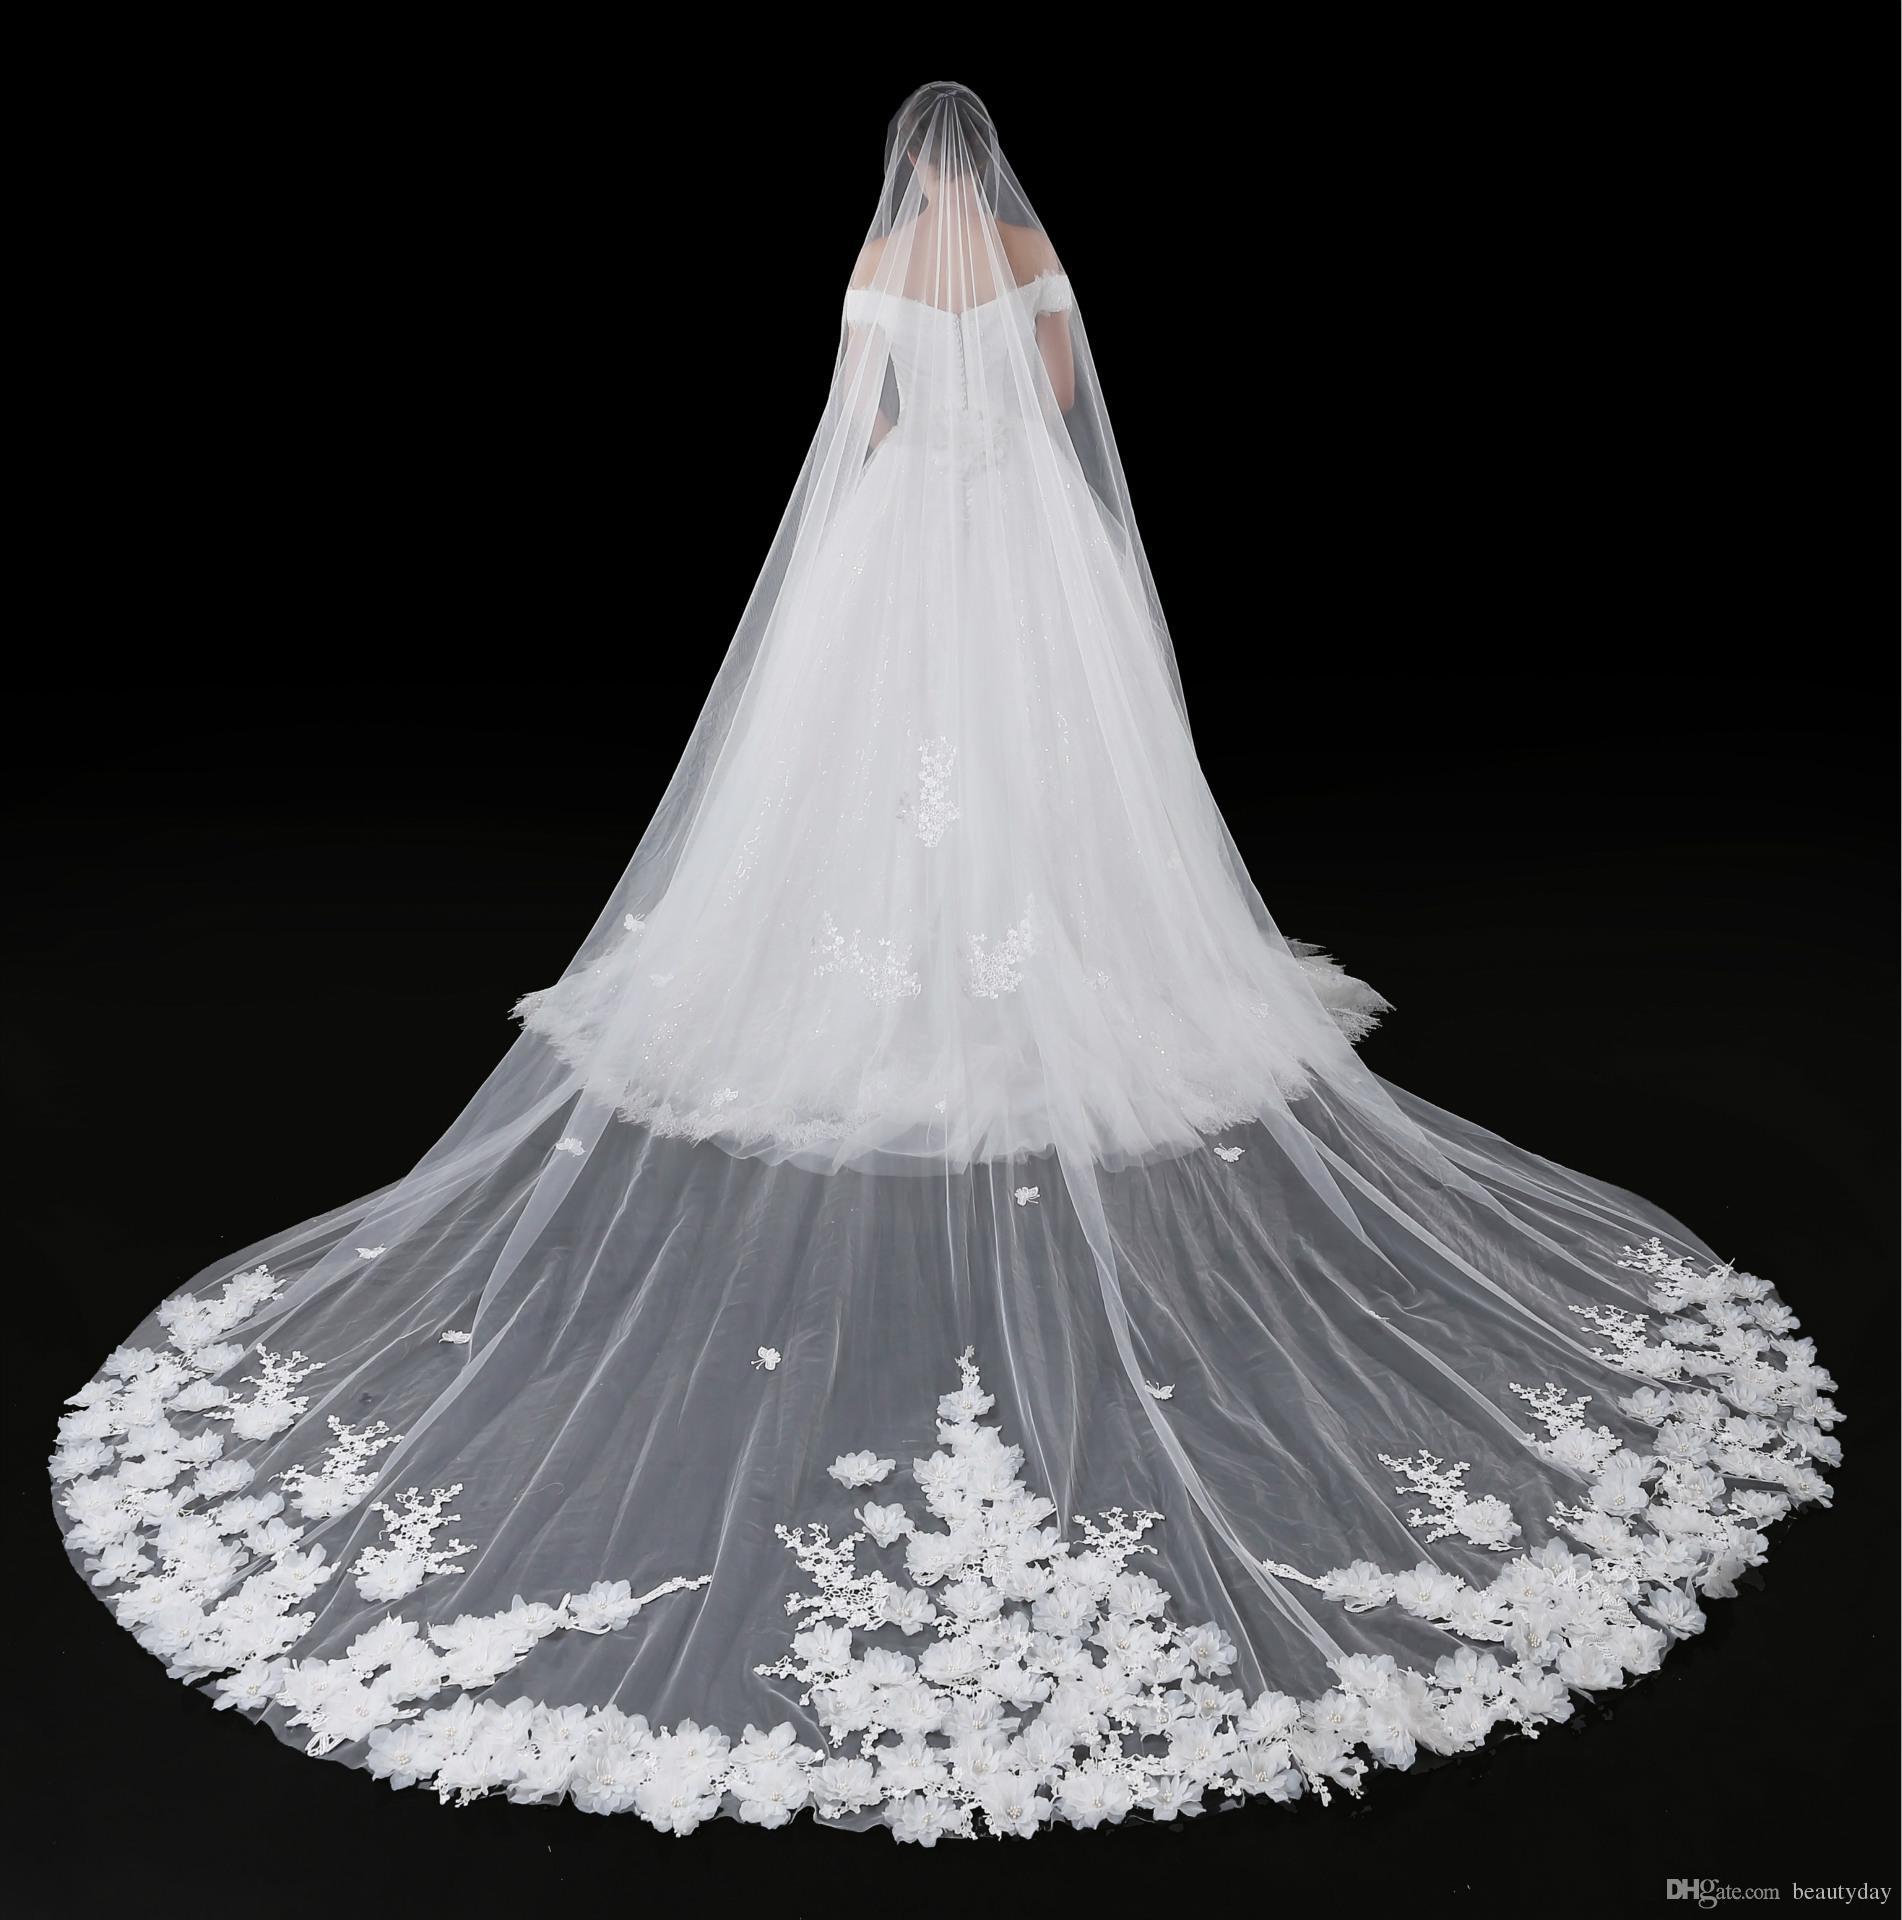 Собор фата для свадебного платья свадебное платье 3D цветы мягкий тюль белый слоновая кость тюль один слой с расческой 5 метров в наличии